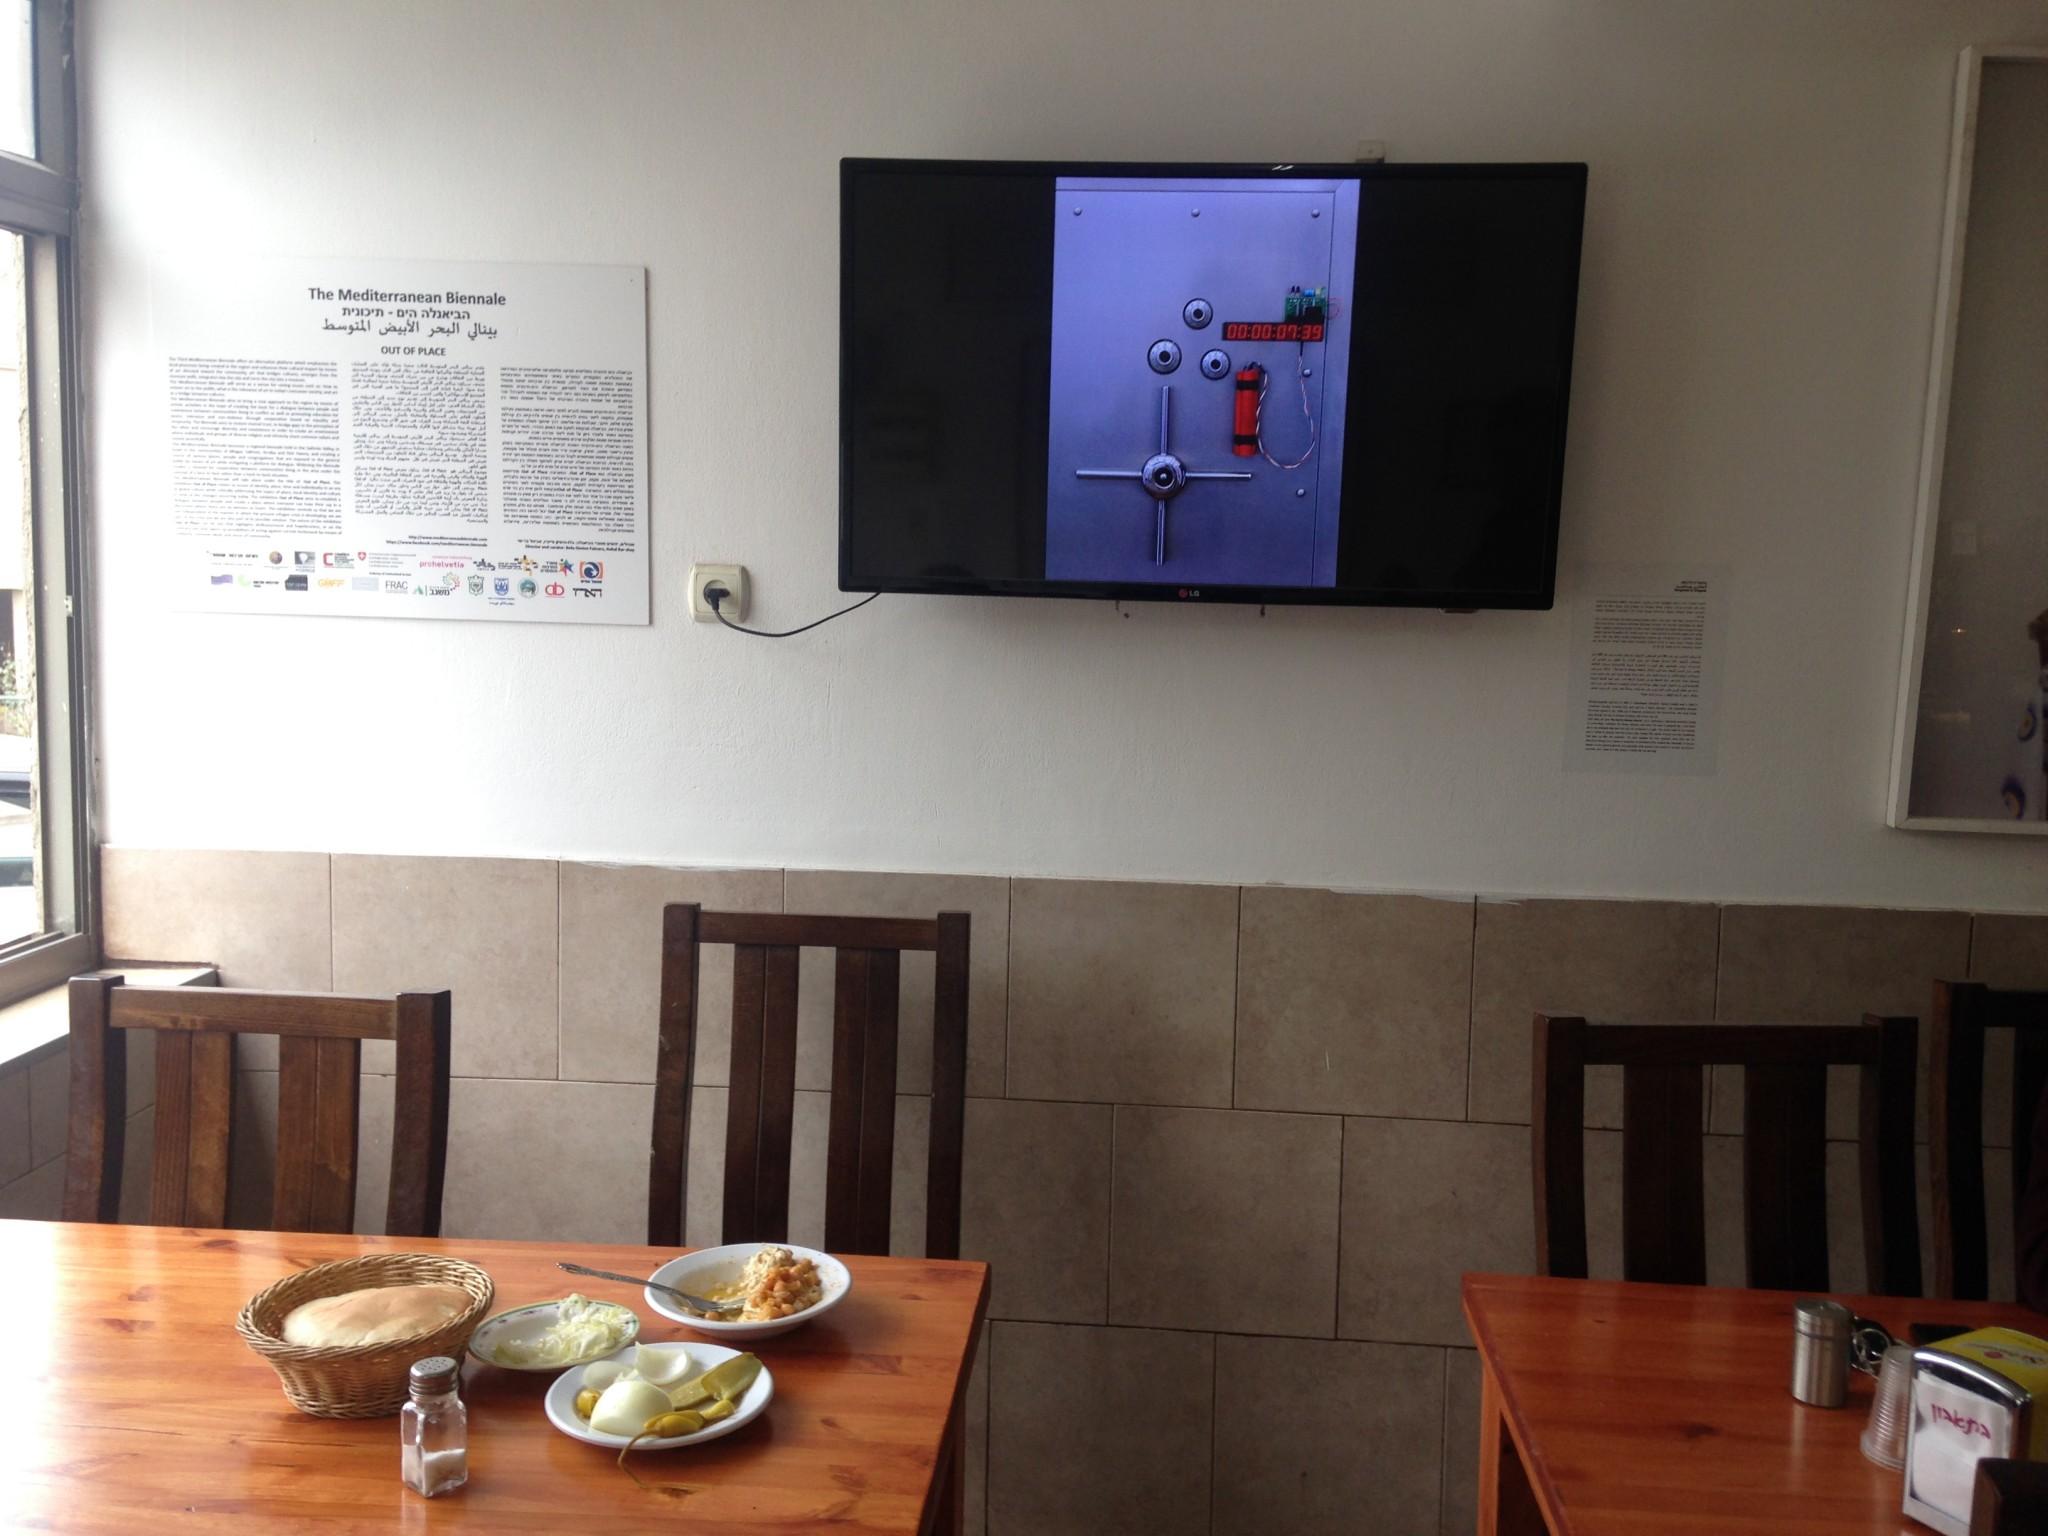 אלמגרין ודרגסט-הסוף      קרוב תמיד    מסעדת חומוס מיכה,סחנין-